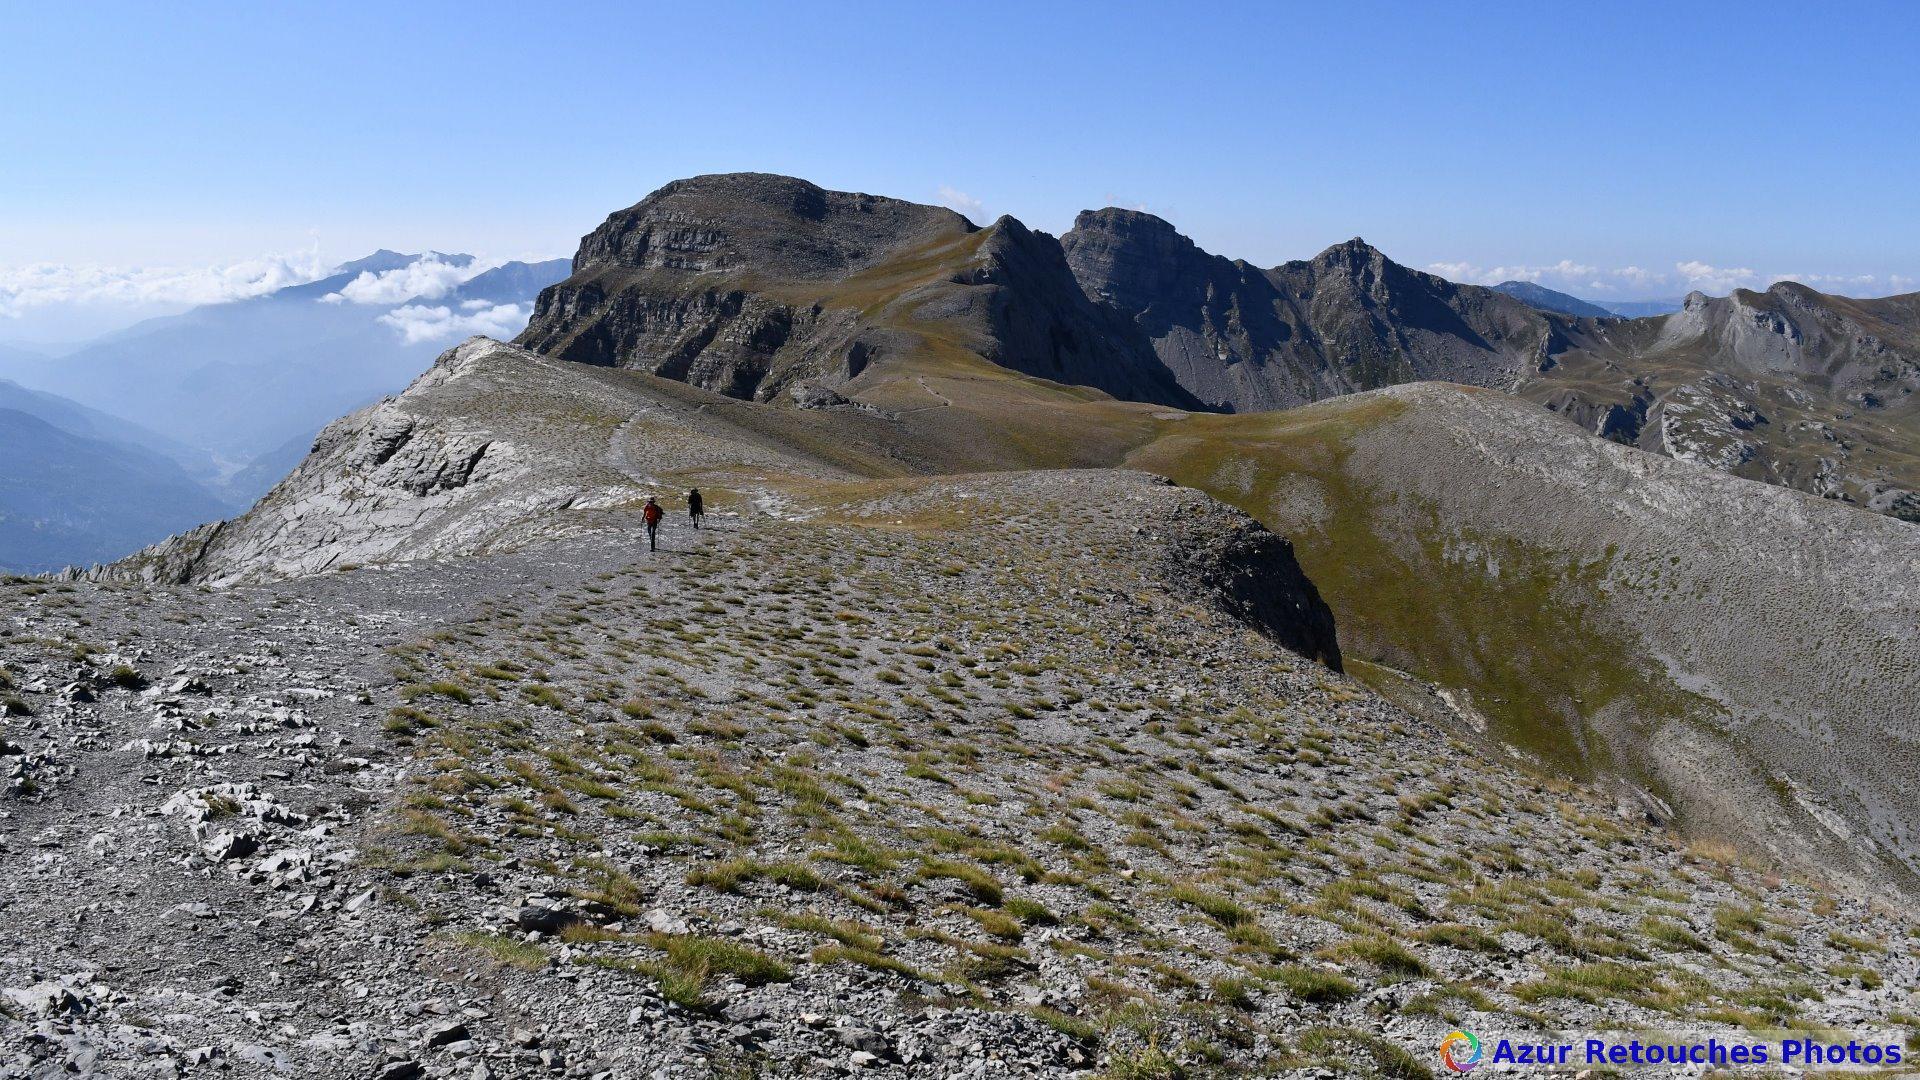 Sommet des Garrets et montagne de l'Avalanche